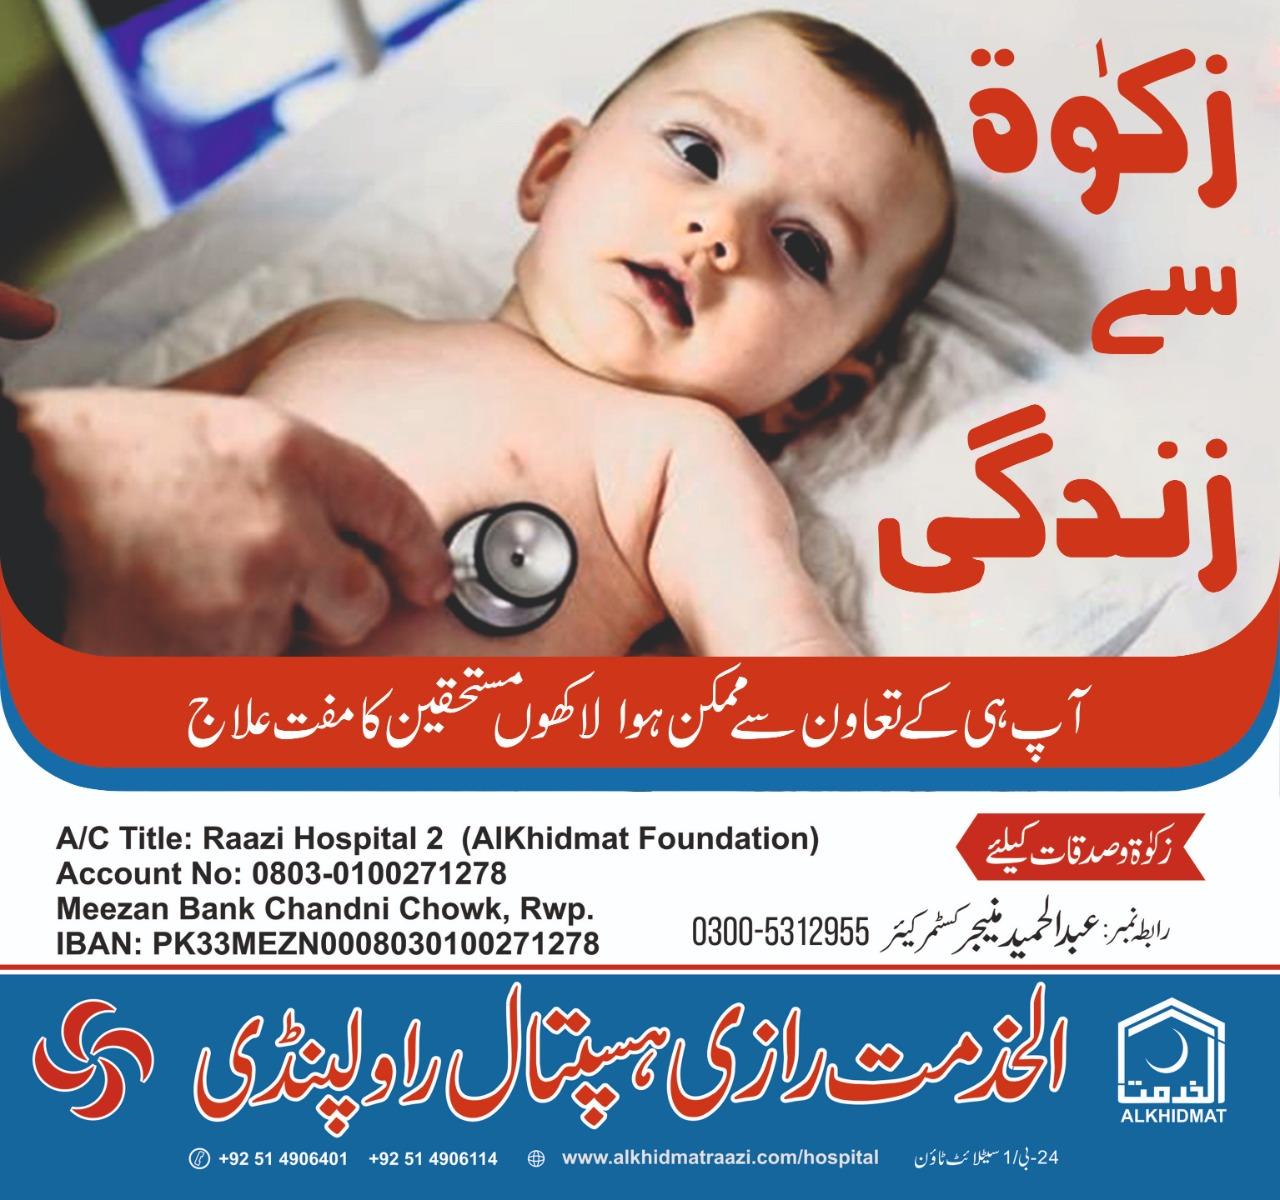 Give Zakat